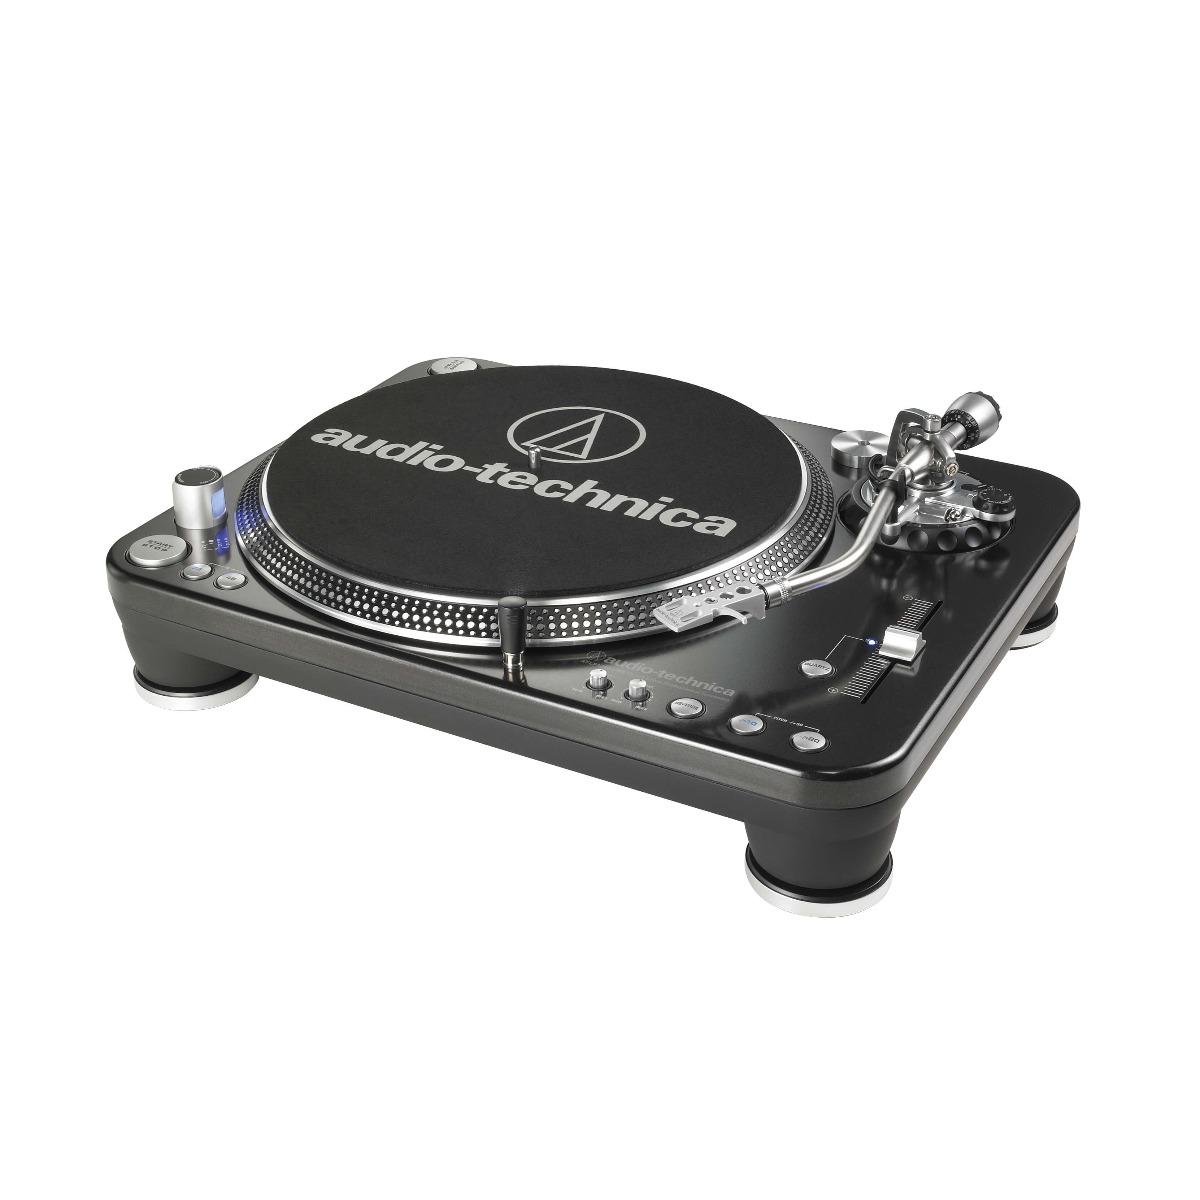 Audio-Technica AT-LP1240-USB виниловый проигрыватель